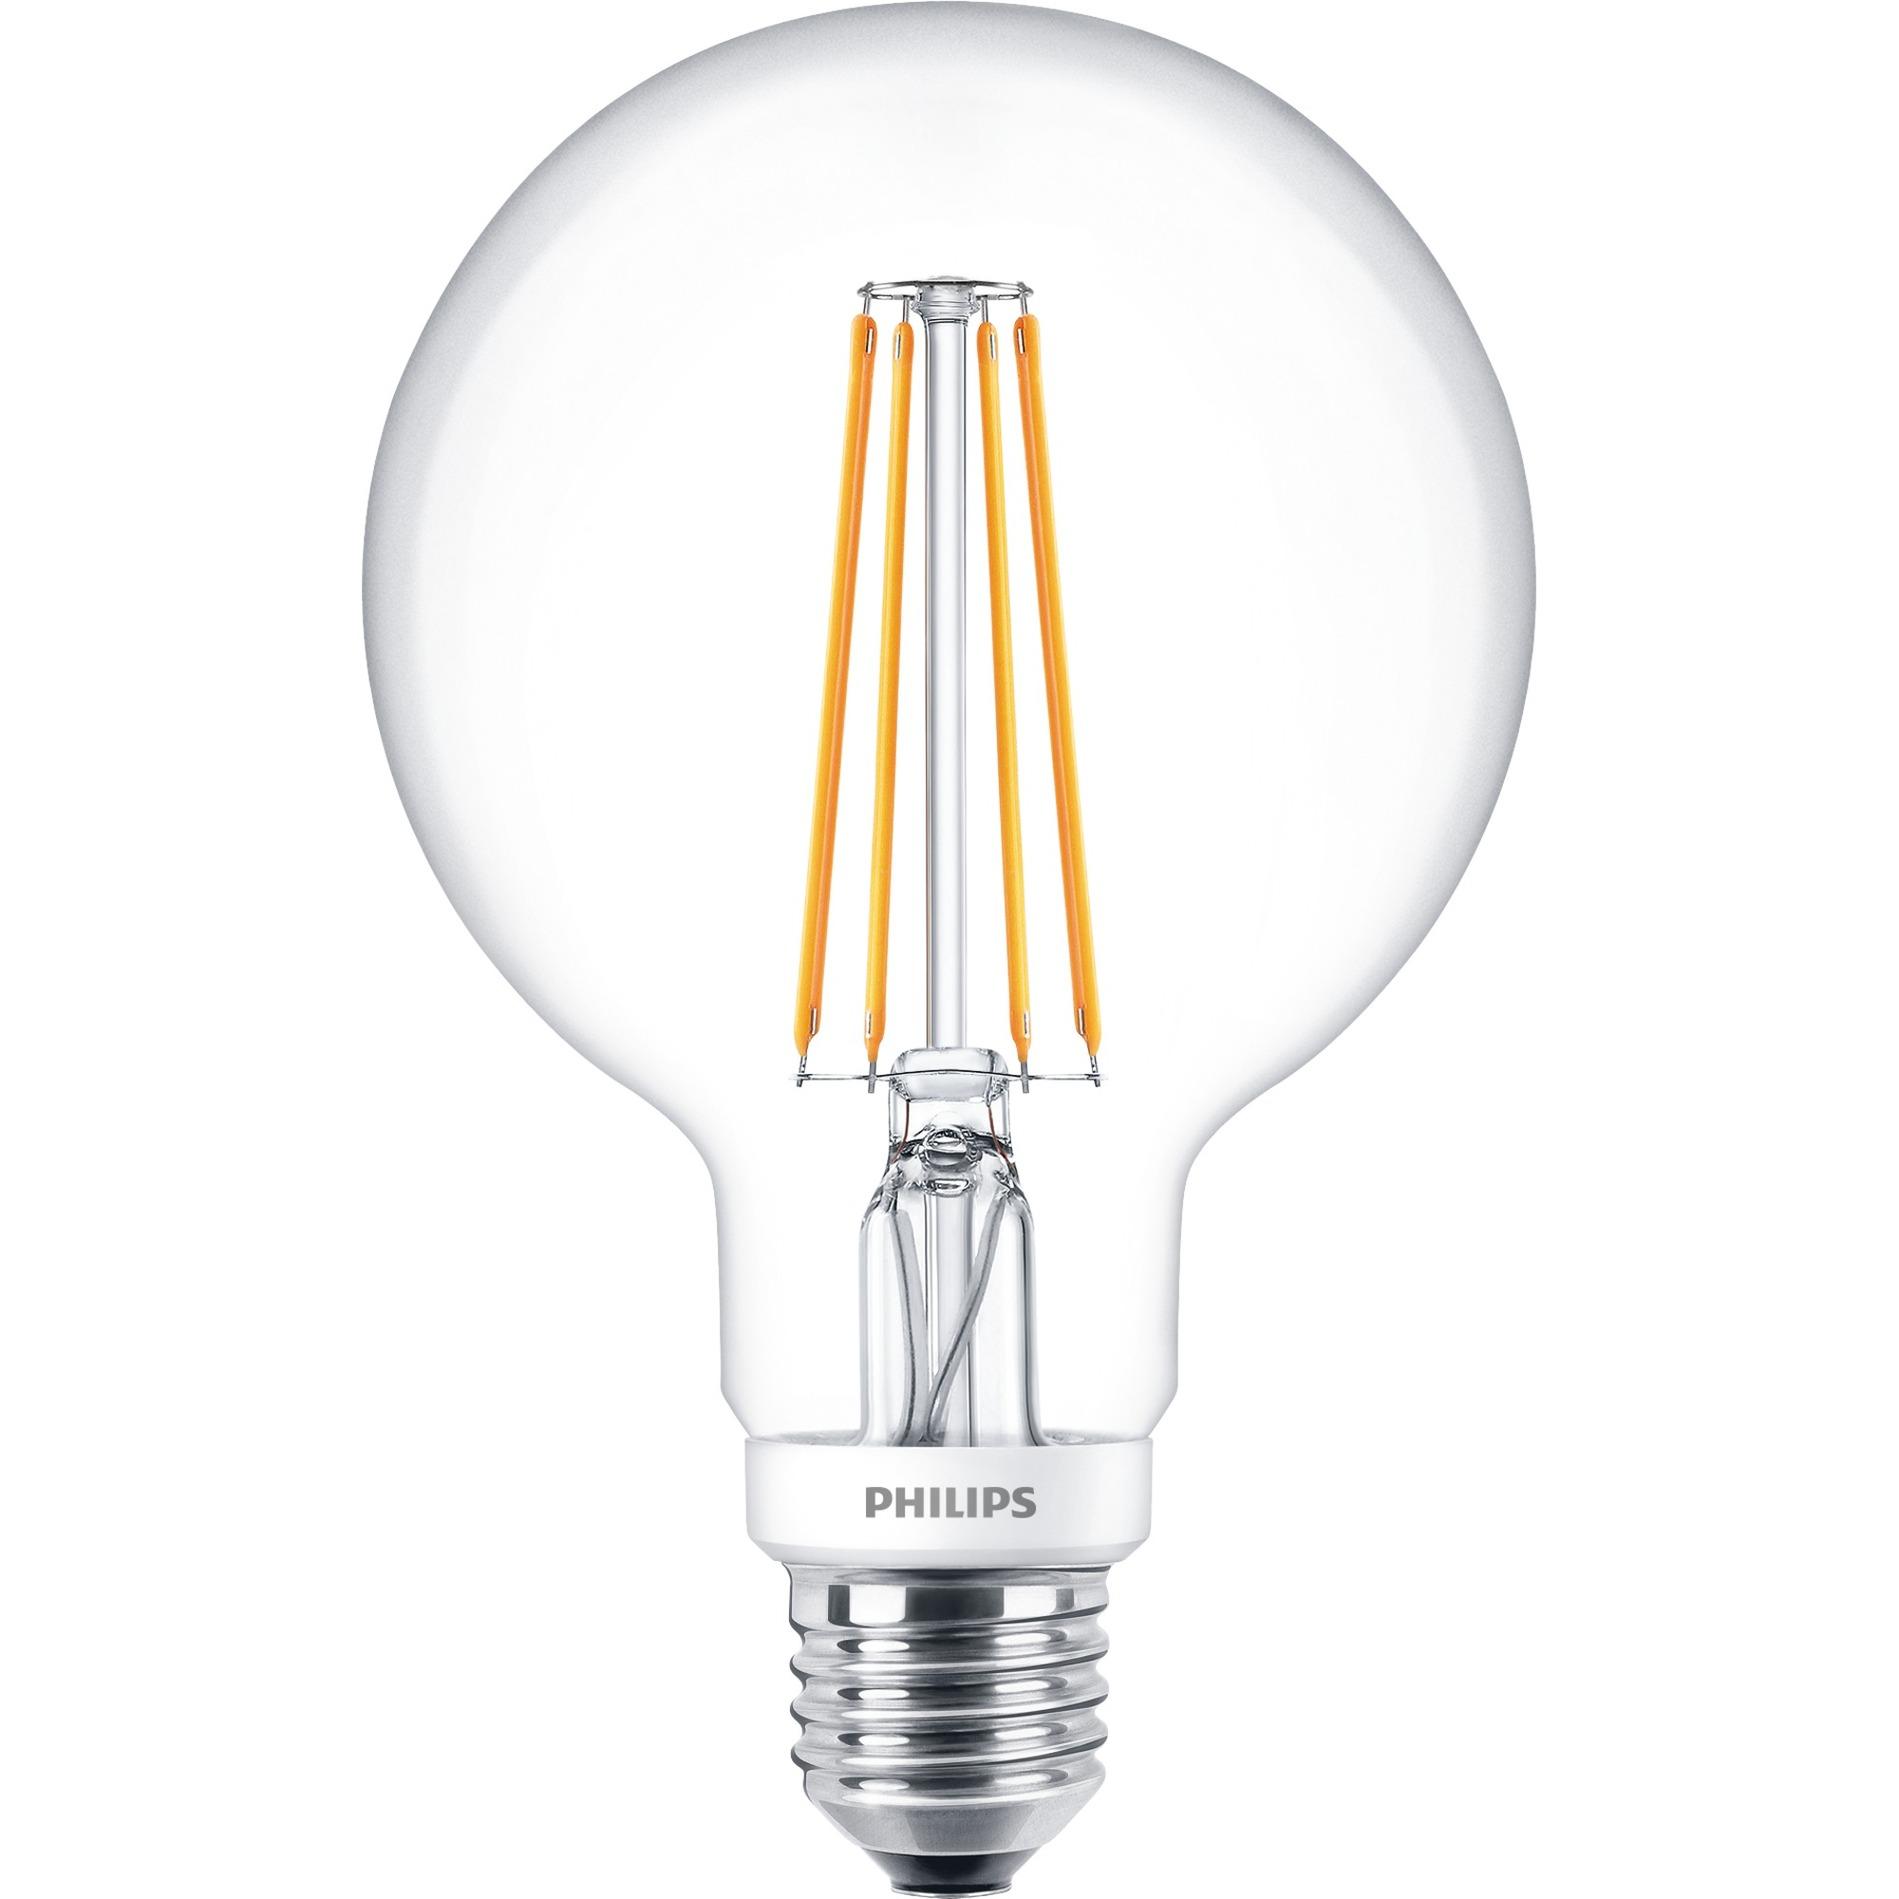 57575800 60W E27 A++ Blanco cálido lámpara LED